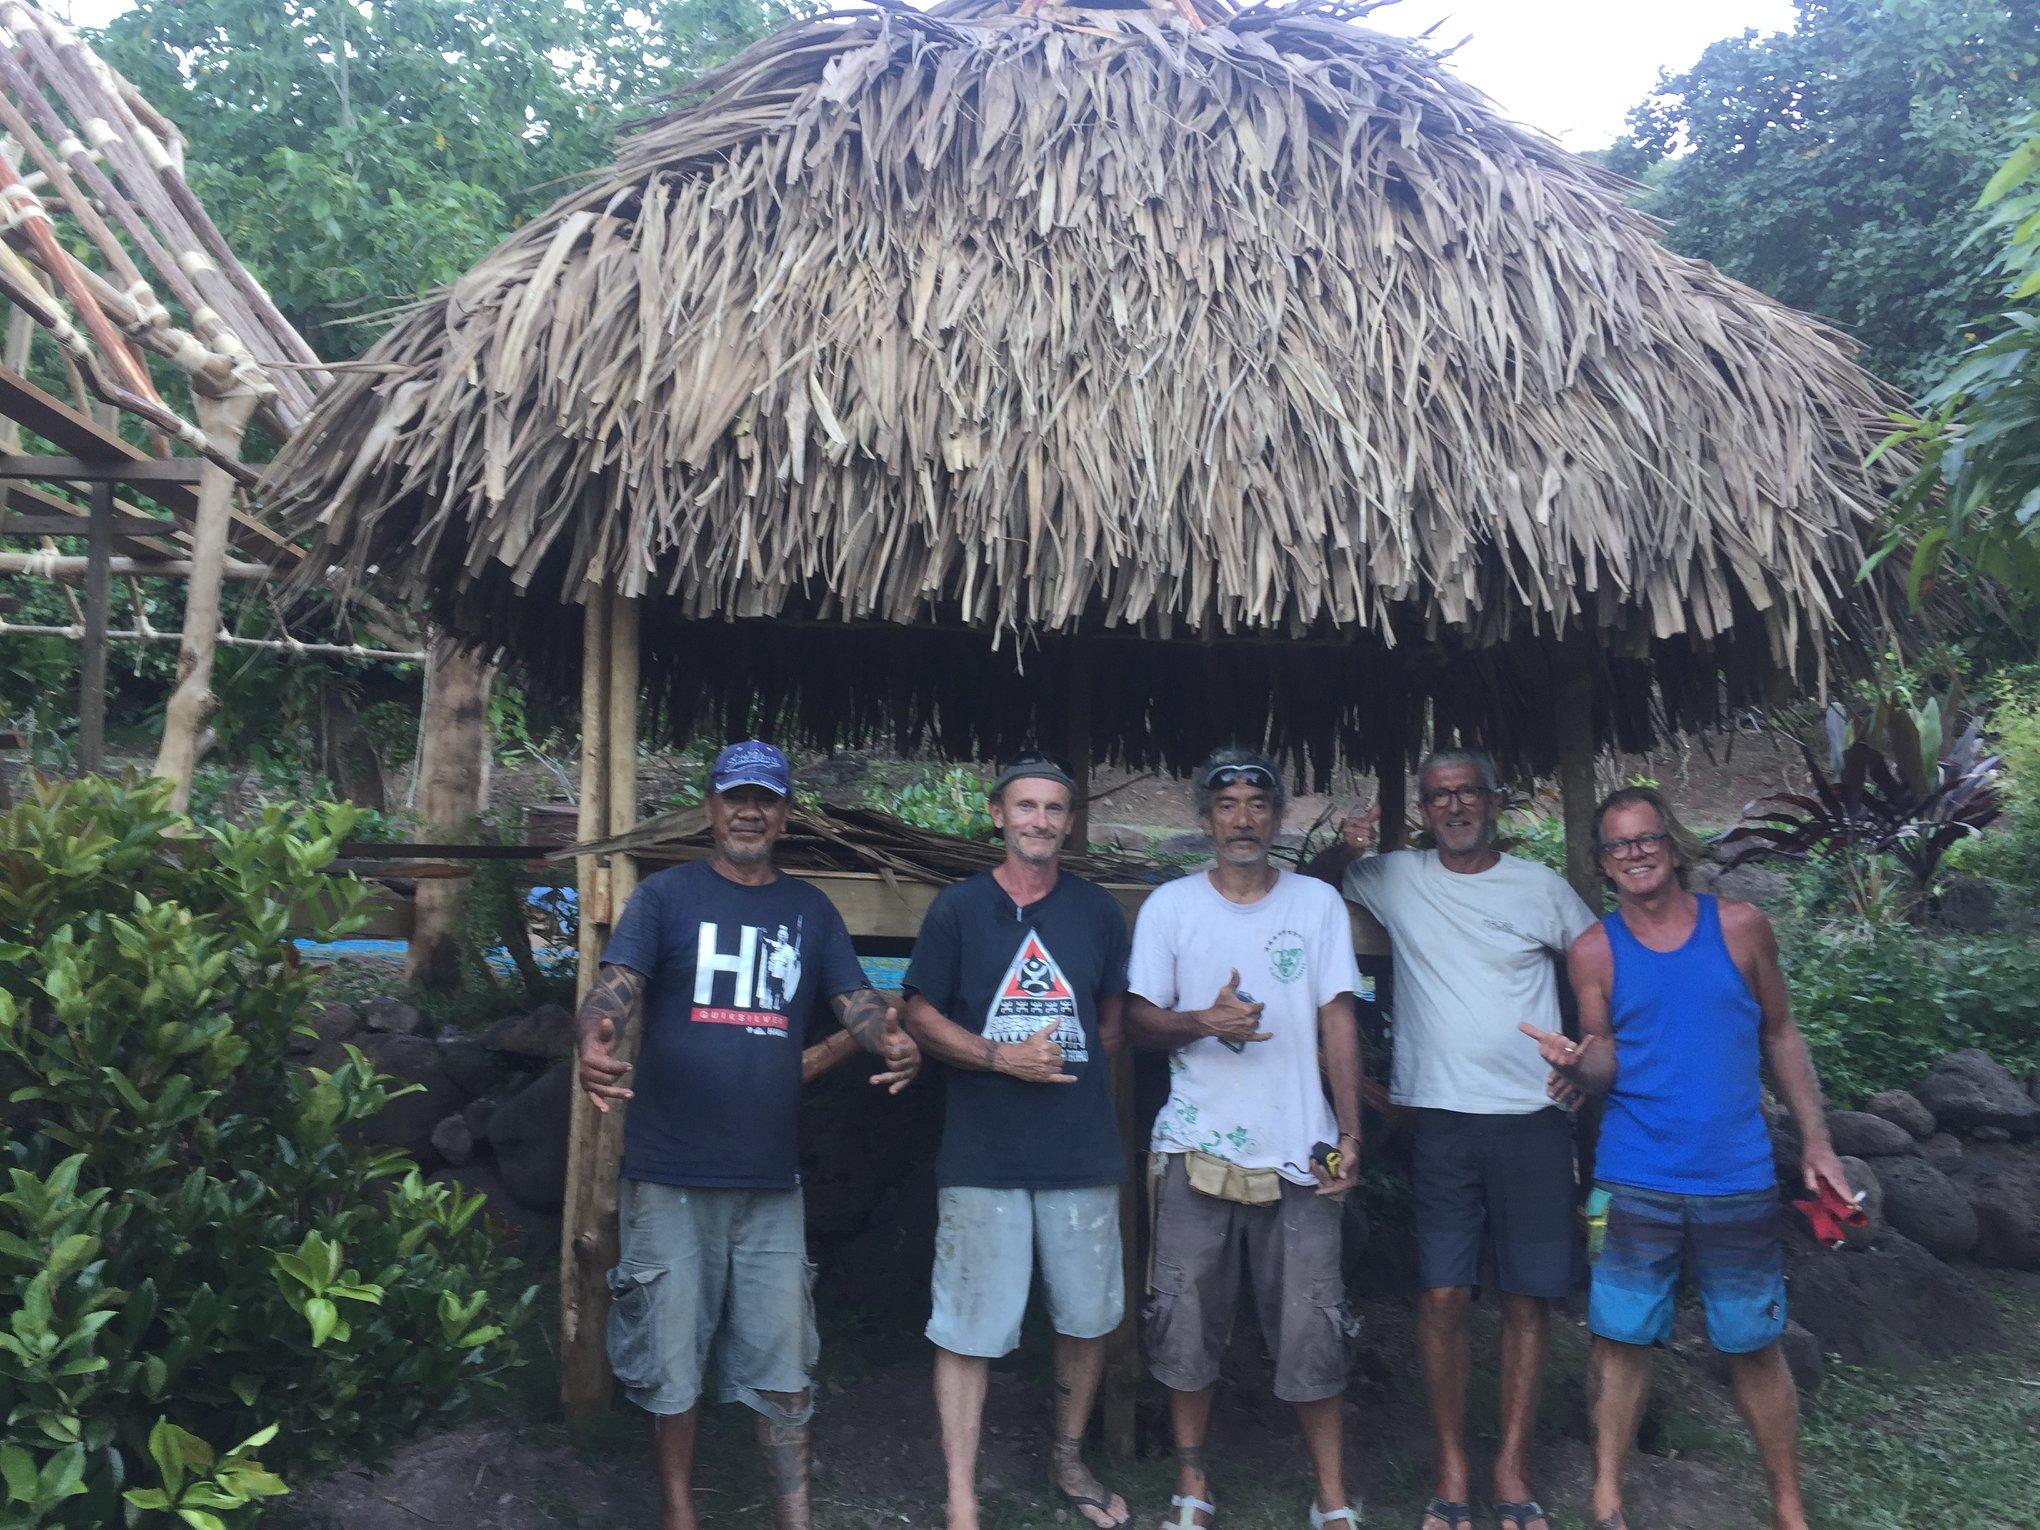 L'association Mana Tatau Maohi  et ses bénévoles ont construit de nombreux fare sur le lieu du festival.  Crédit Mana Tatau Maohi.